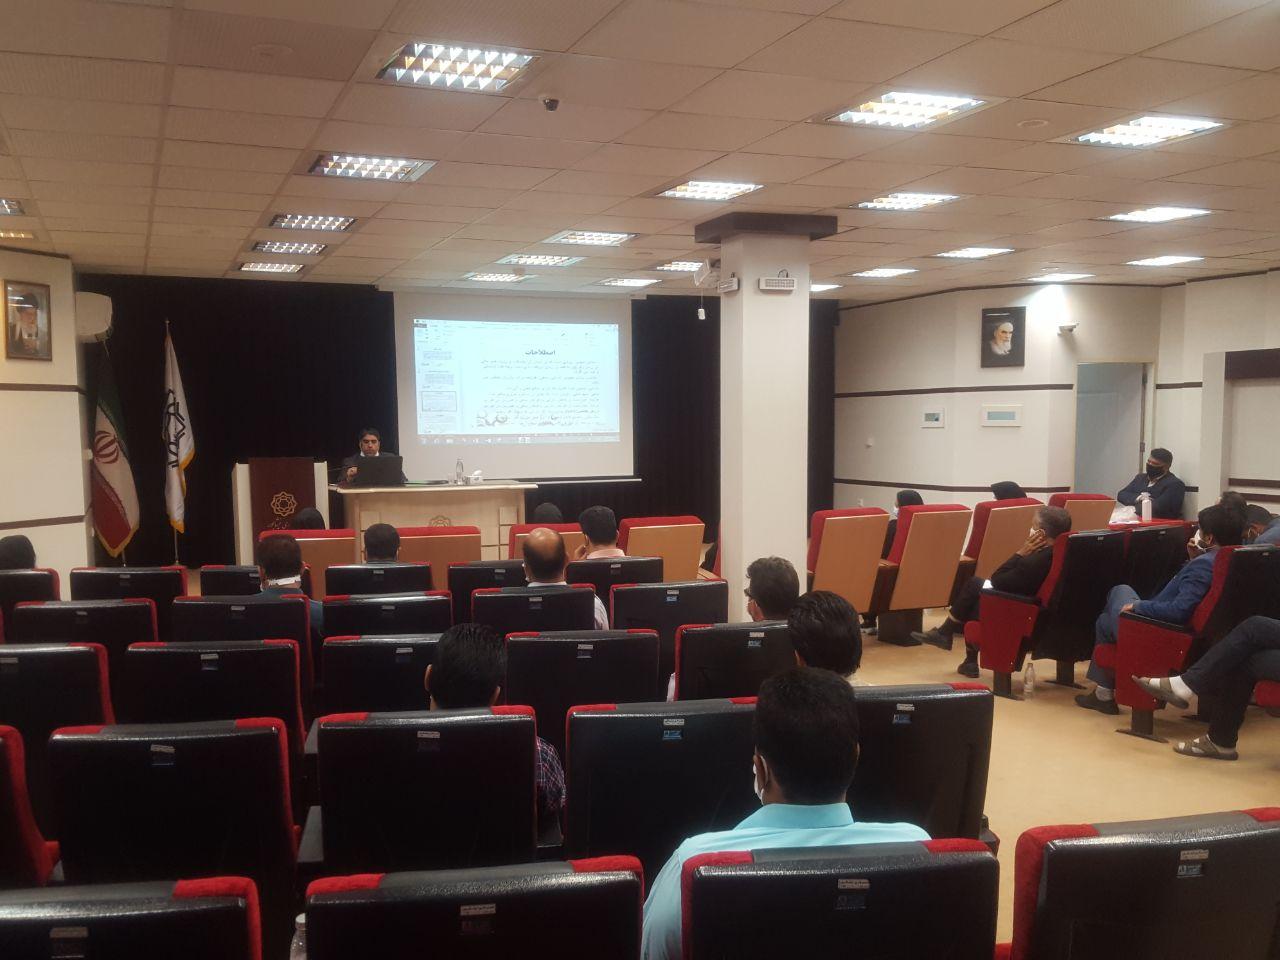 برگزاری اولین دوره آموزشی حسابداری تعهدی در شهرداری نیشابور .